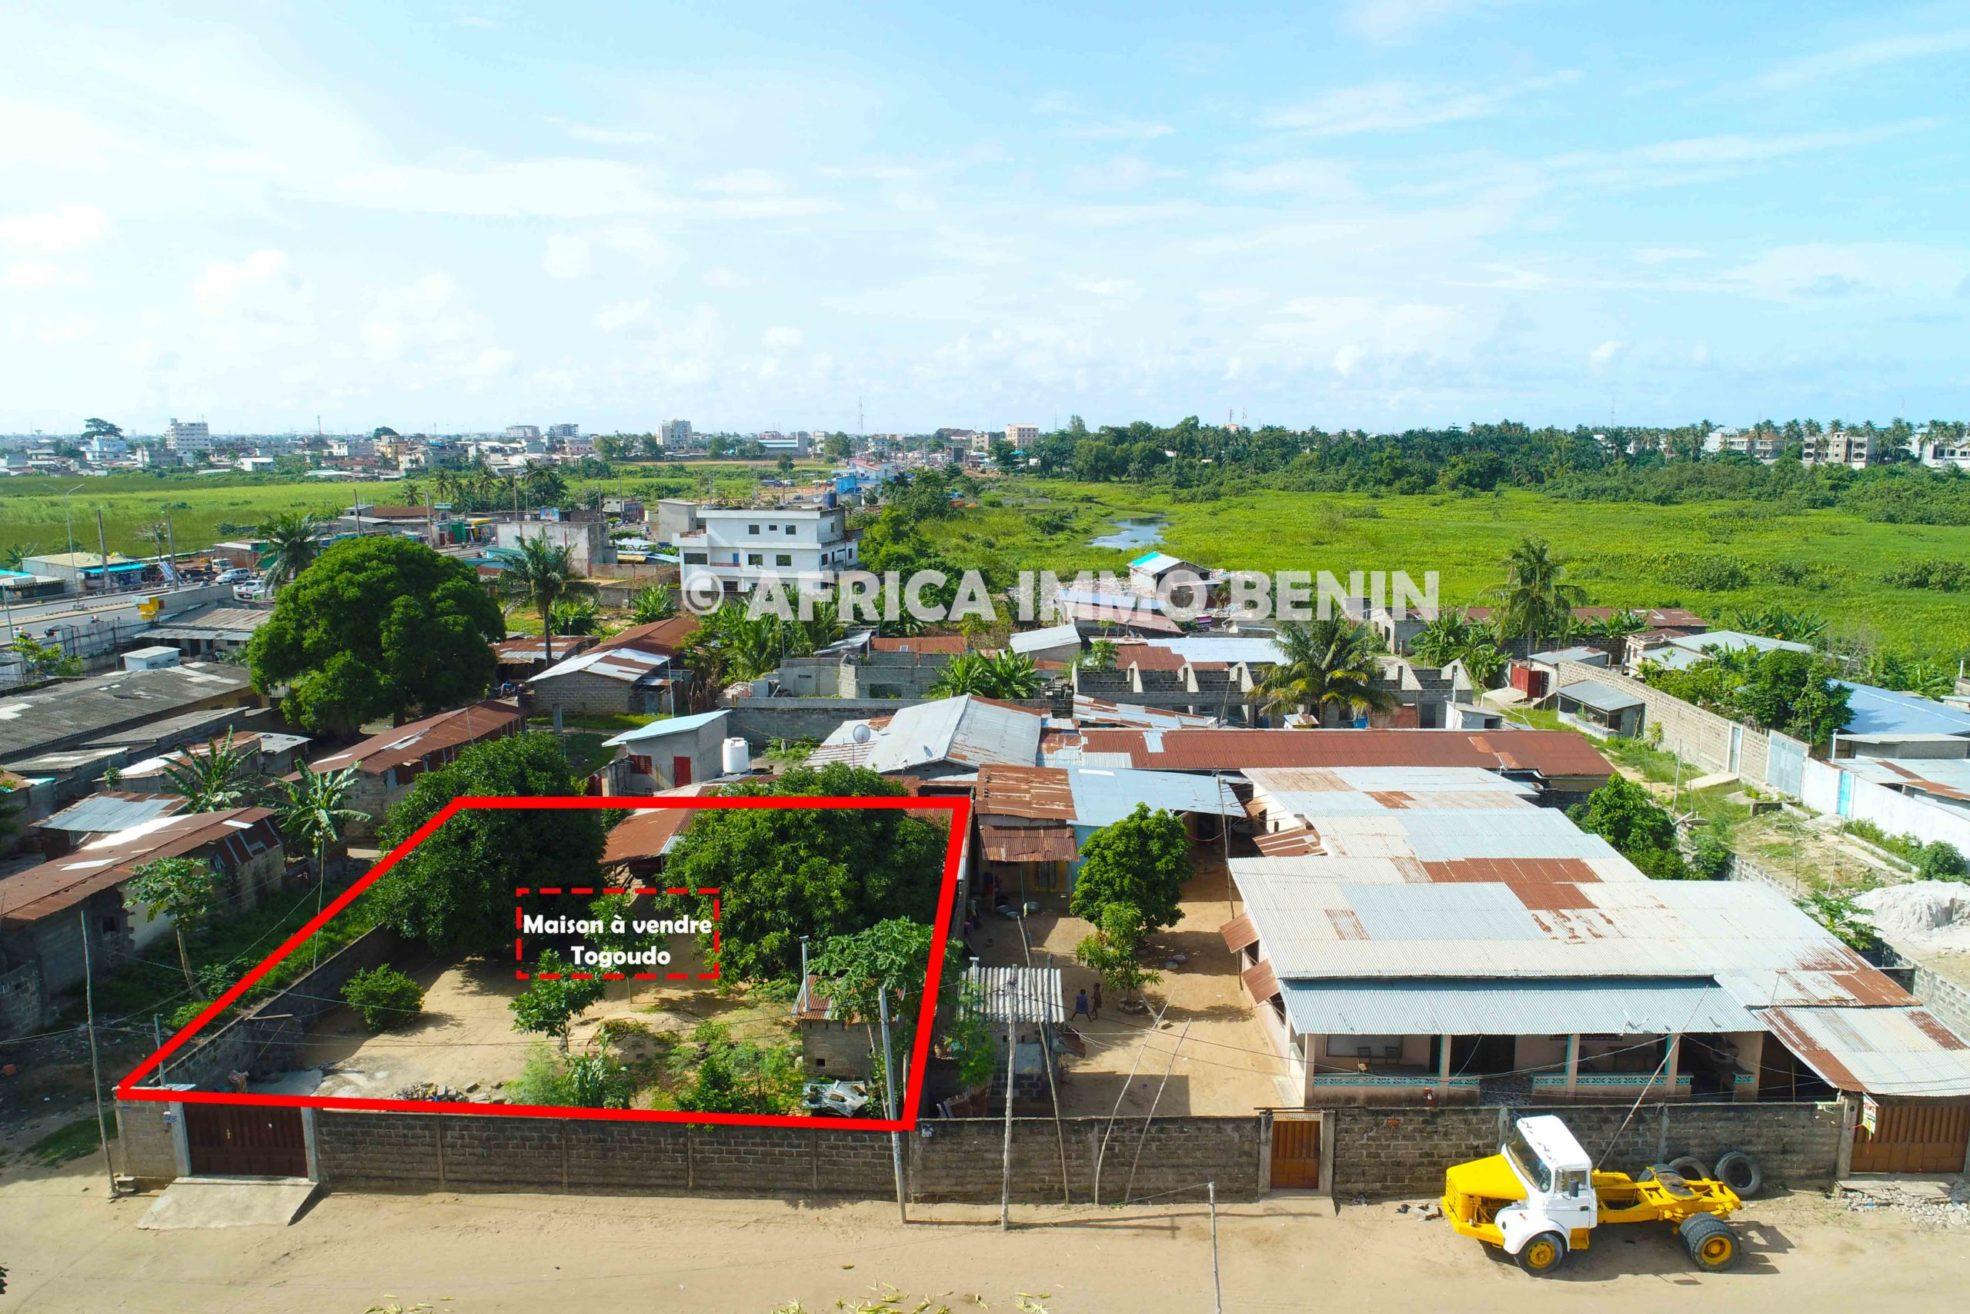 Togoudo : Maison bâtie sur une grande parcelle avec TF